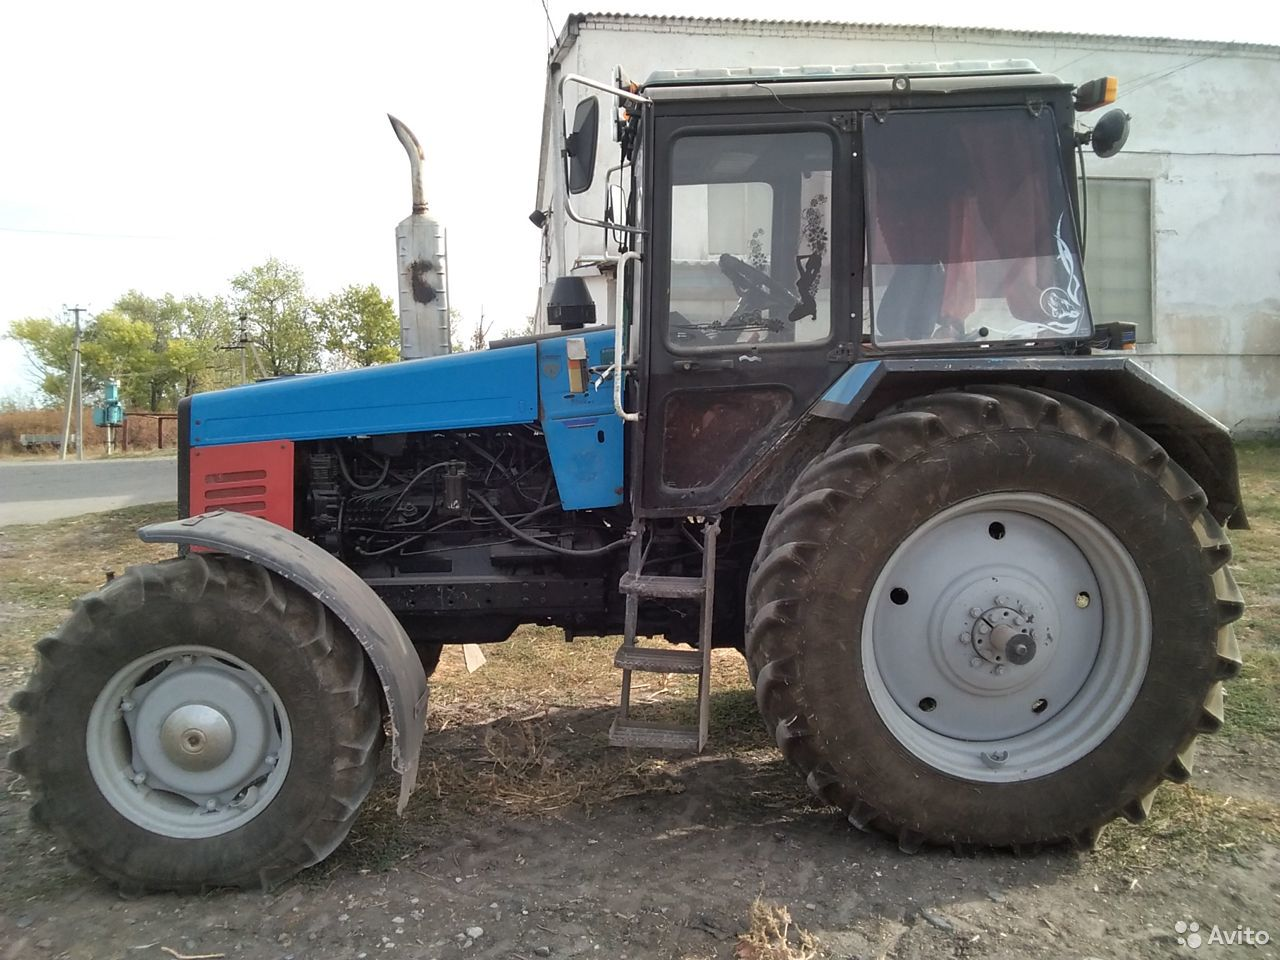 Трактор мтз 1221  89103207604 купить 4